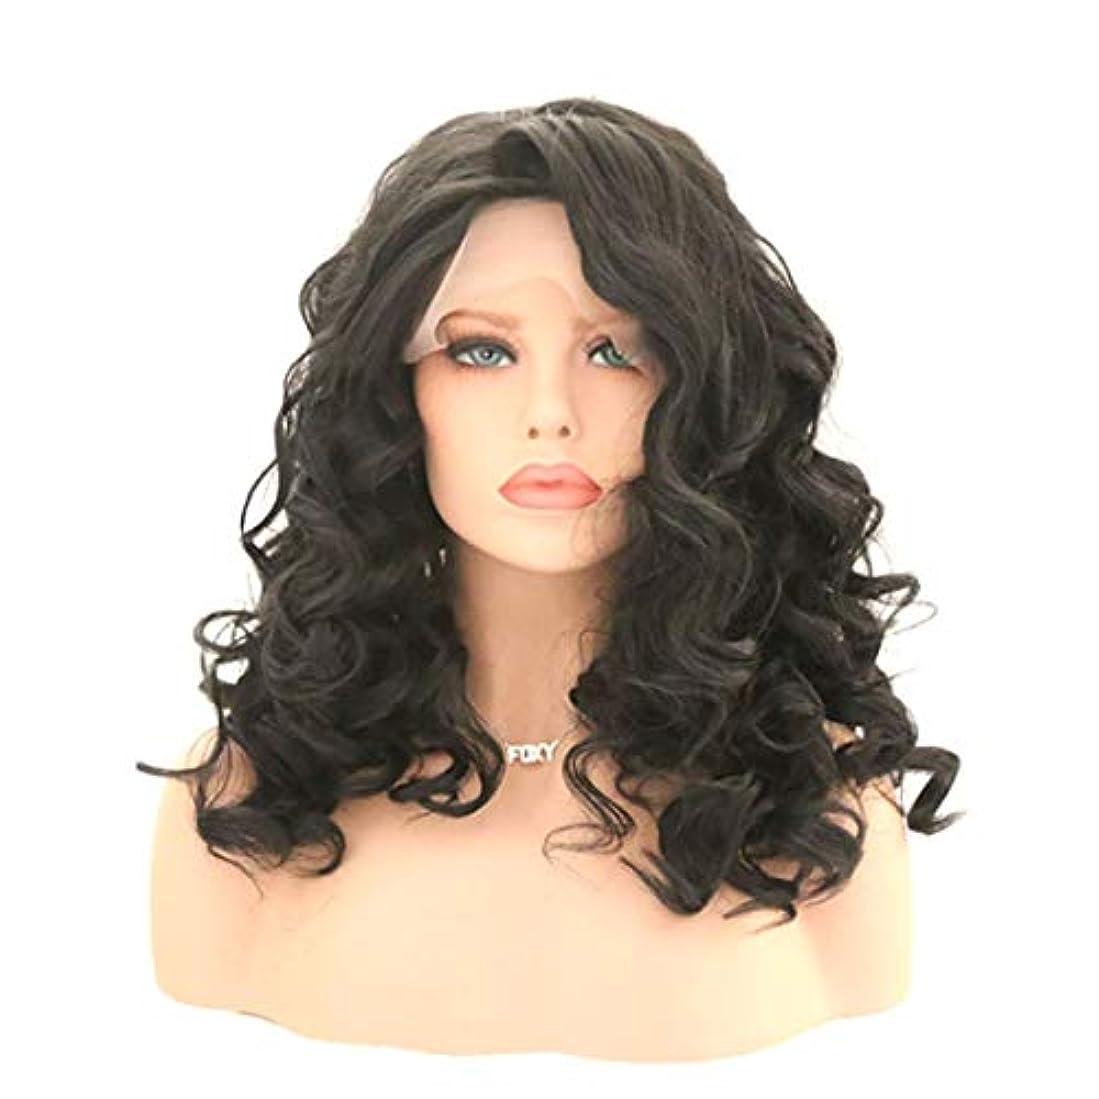 モットー道オレンジKerwinner 女性のためのカーリー波状かつら前髪付きかつら人工毛髪かつら自然なかつら (Size : 22 inches)